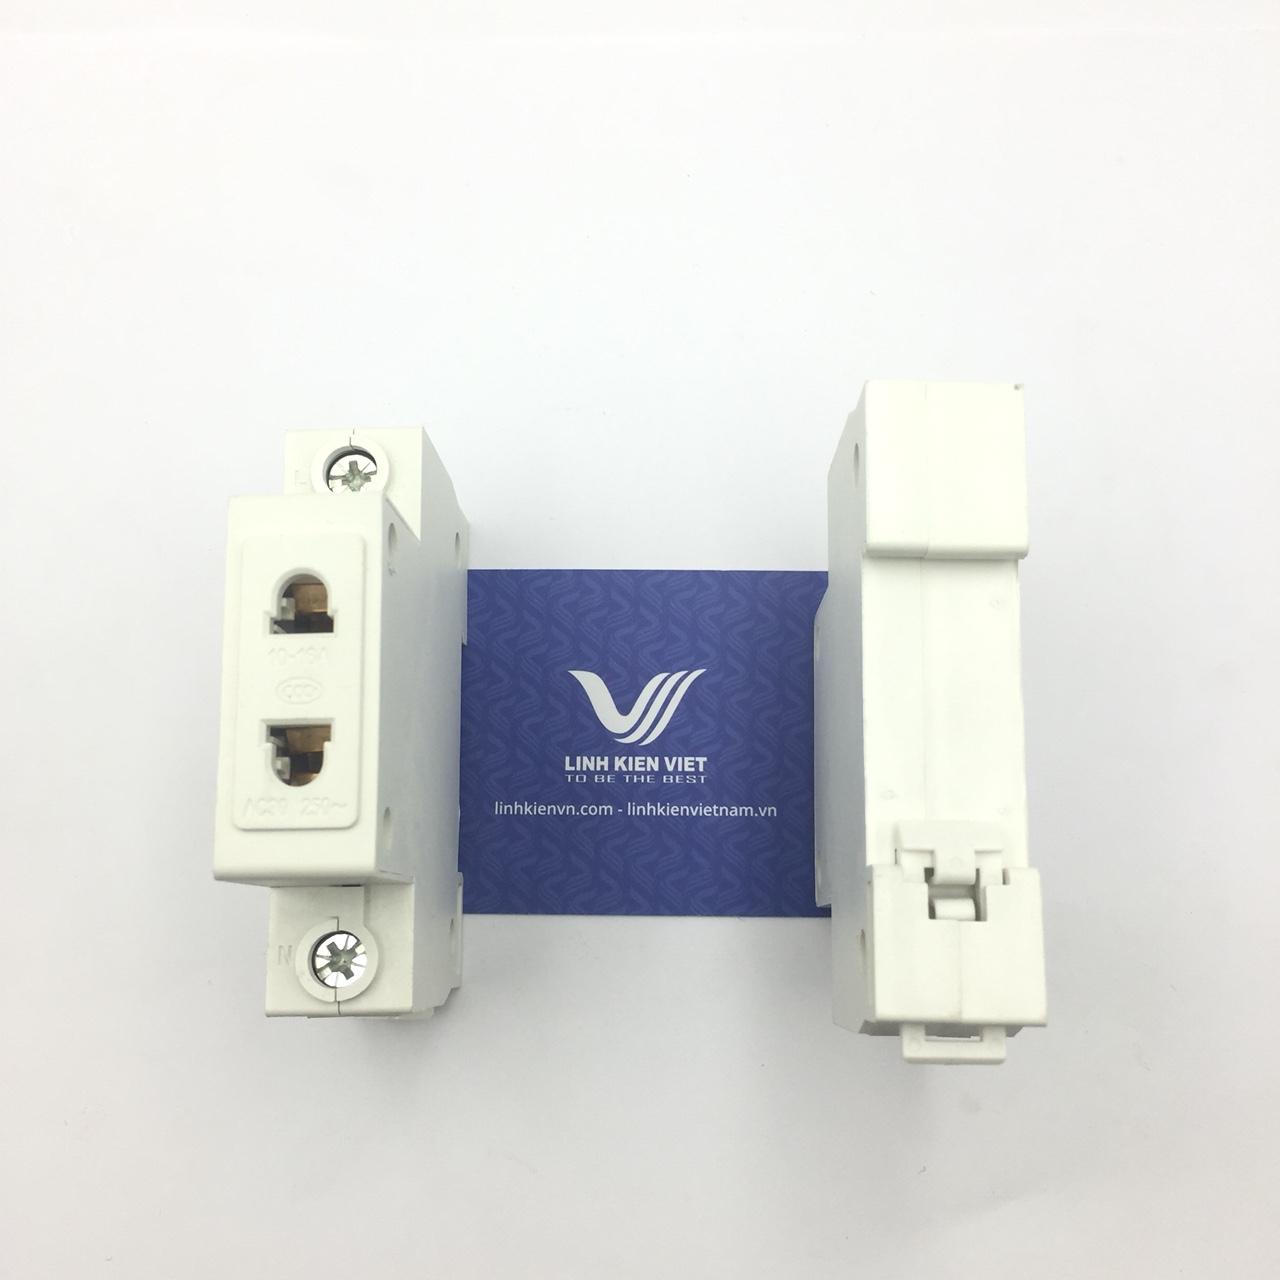 Ổ cắm cài 2 chân 16A/250V lắp đặt trong tủ điện i9H14